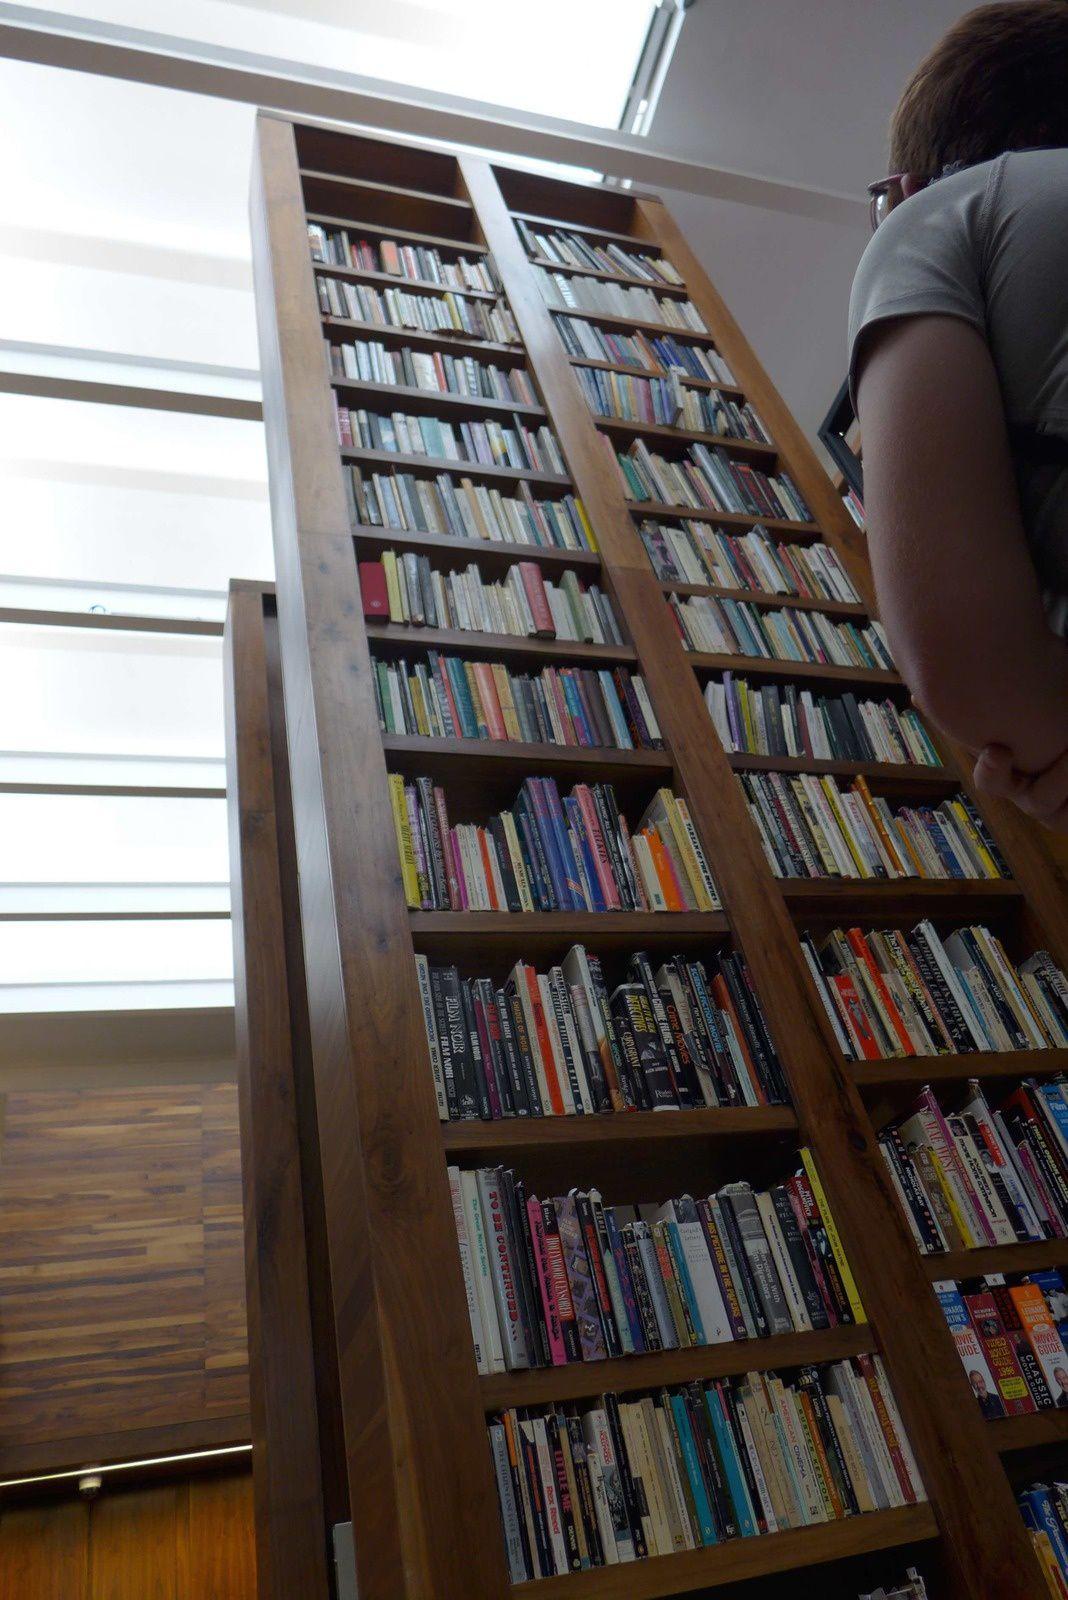 Une nouvelle bibliothèque extraordinaire ! Une partie impressionnante est dédiée aux déficients visuels. Une femme aveugle qui s'occupait de l'administratif  a voulu à tout prix nous en faire la visite. Elle a été contente de savoir que nous venions de France pays de Louis Braille. Dans cette bibliothèque un grand nombre de livres audio et en braille. Une personne est là pour lire les quotidiens etc... J'ai pensé avec émotion à mon grand-père qui aurait aimé un tel endroit. La bibliothèque classique accolé à celle ci est tout aussi impressionnante. Elle est tout simplement gigantesque avec des milliers de livres disposés dans plusieurs salles.